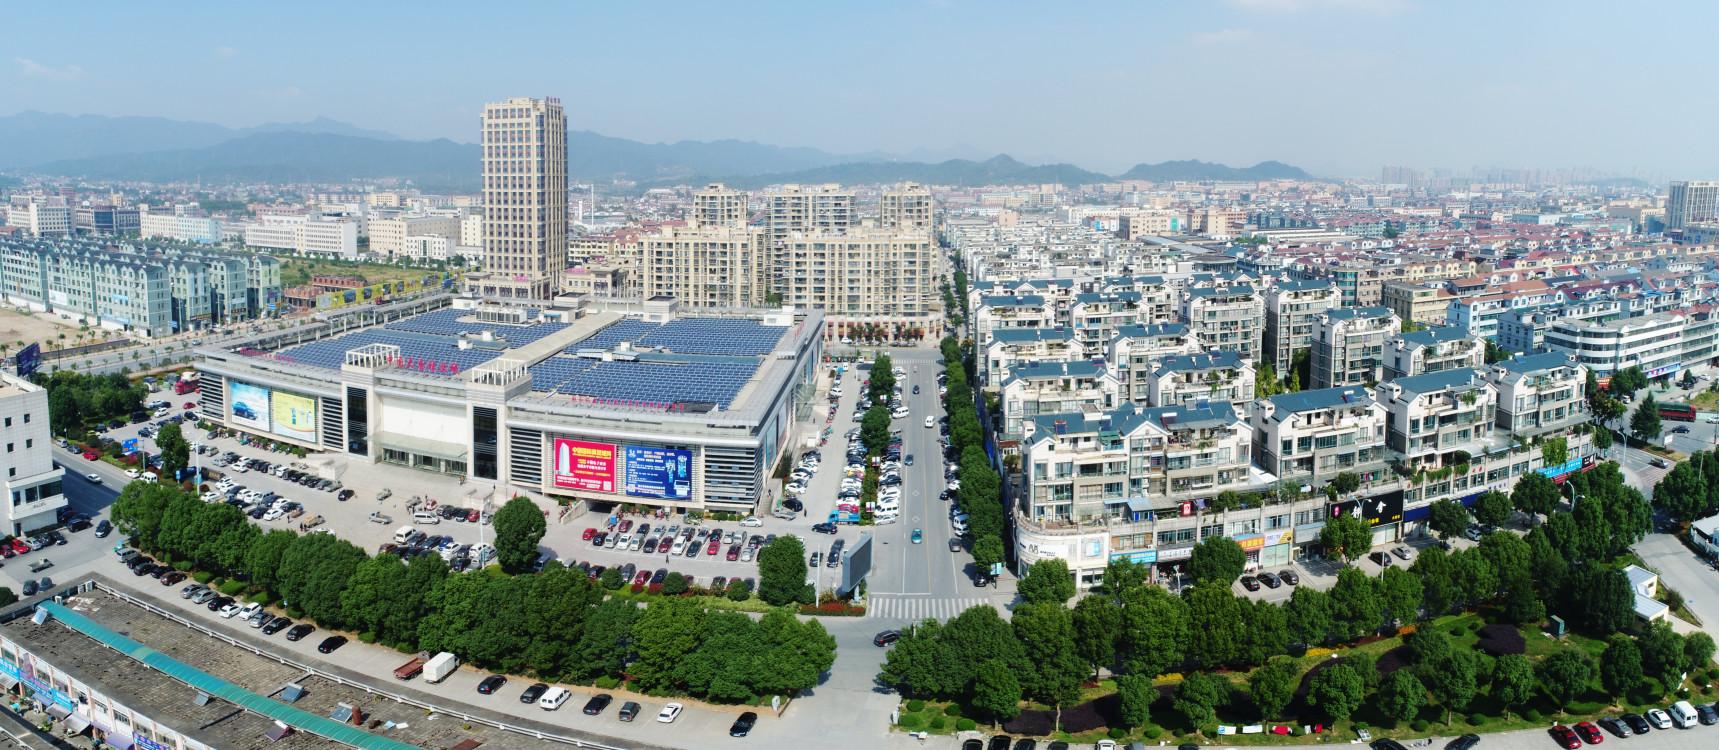 http://www.xqweigou.com/dianshangrenwu/69130.html